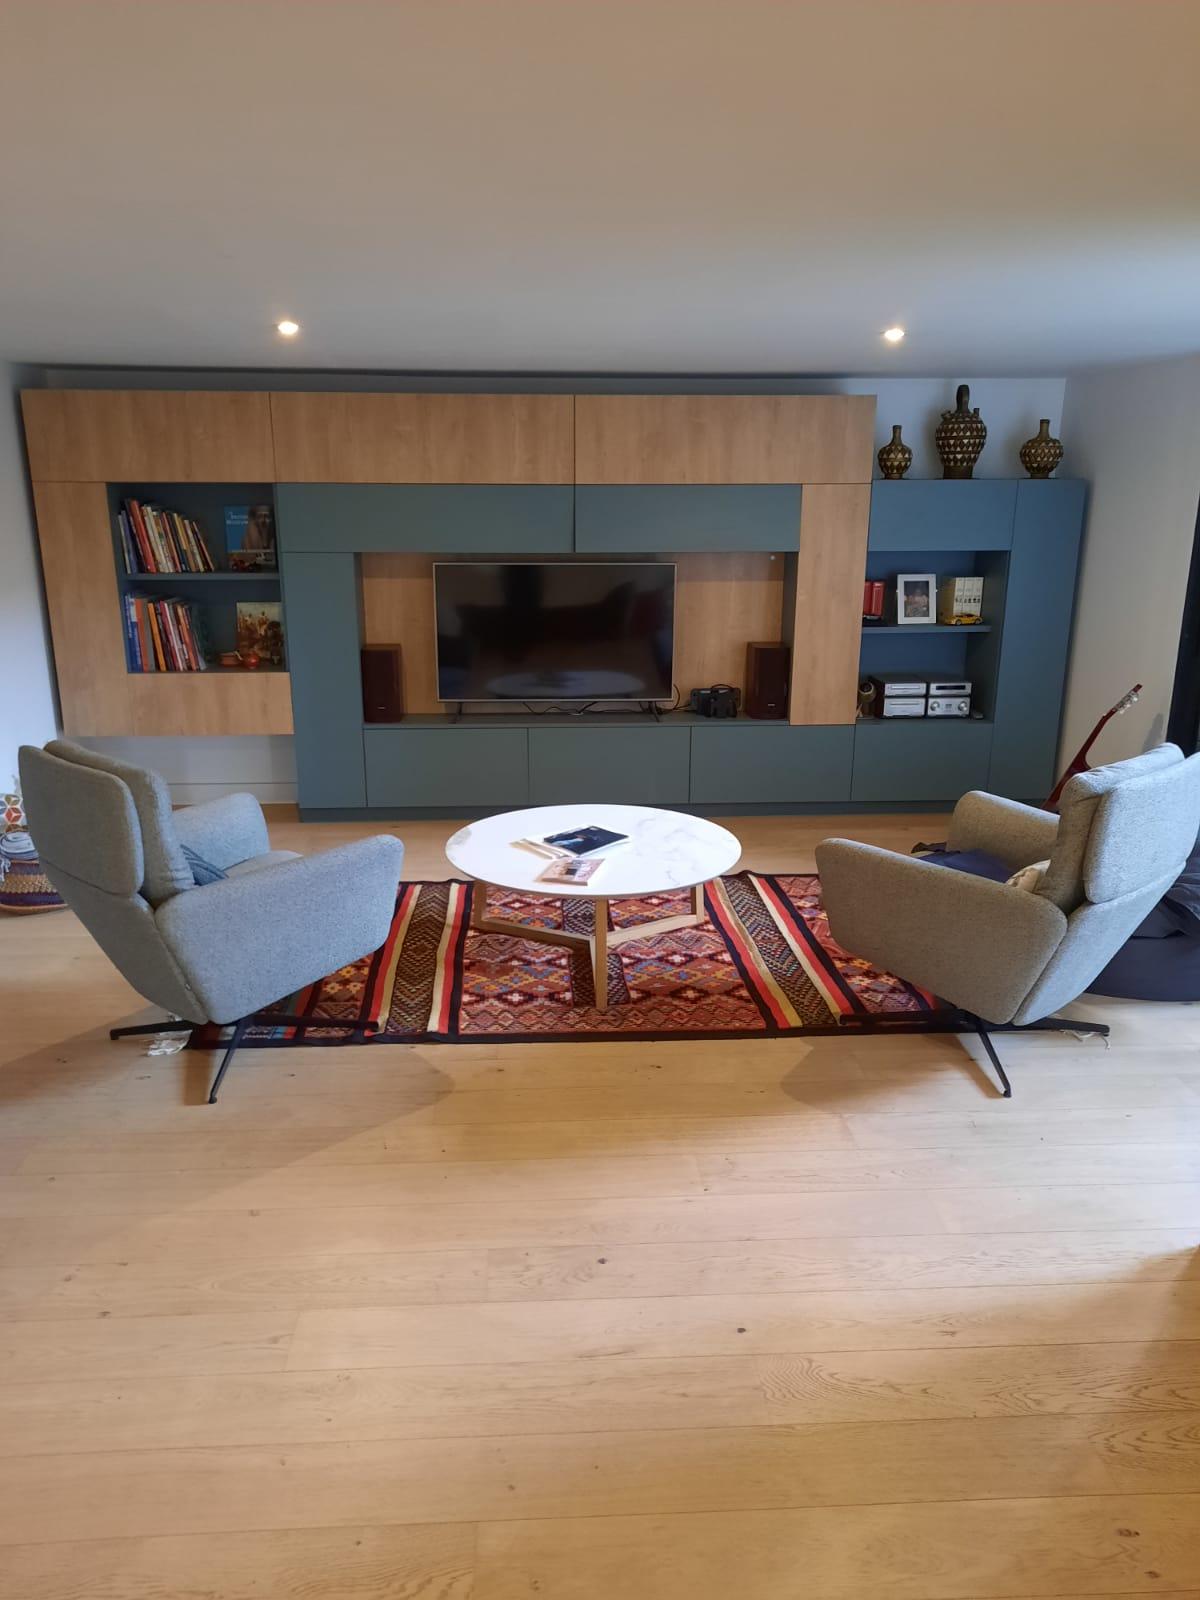 Deuxième photo dans laquelle on voit le meuble tv décoré.